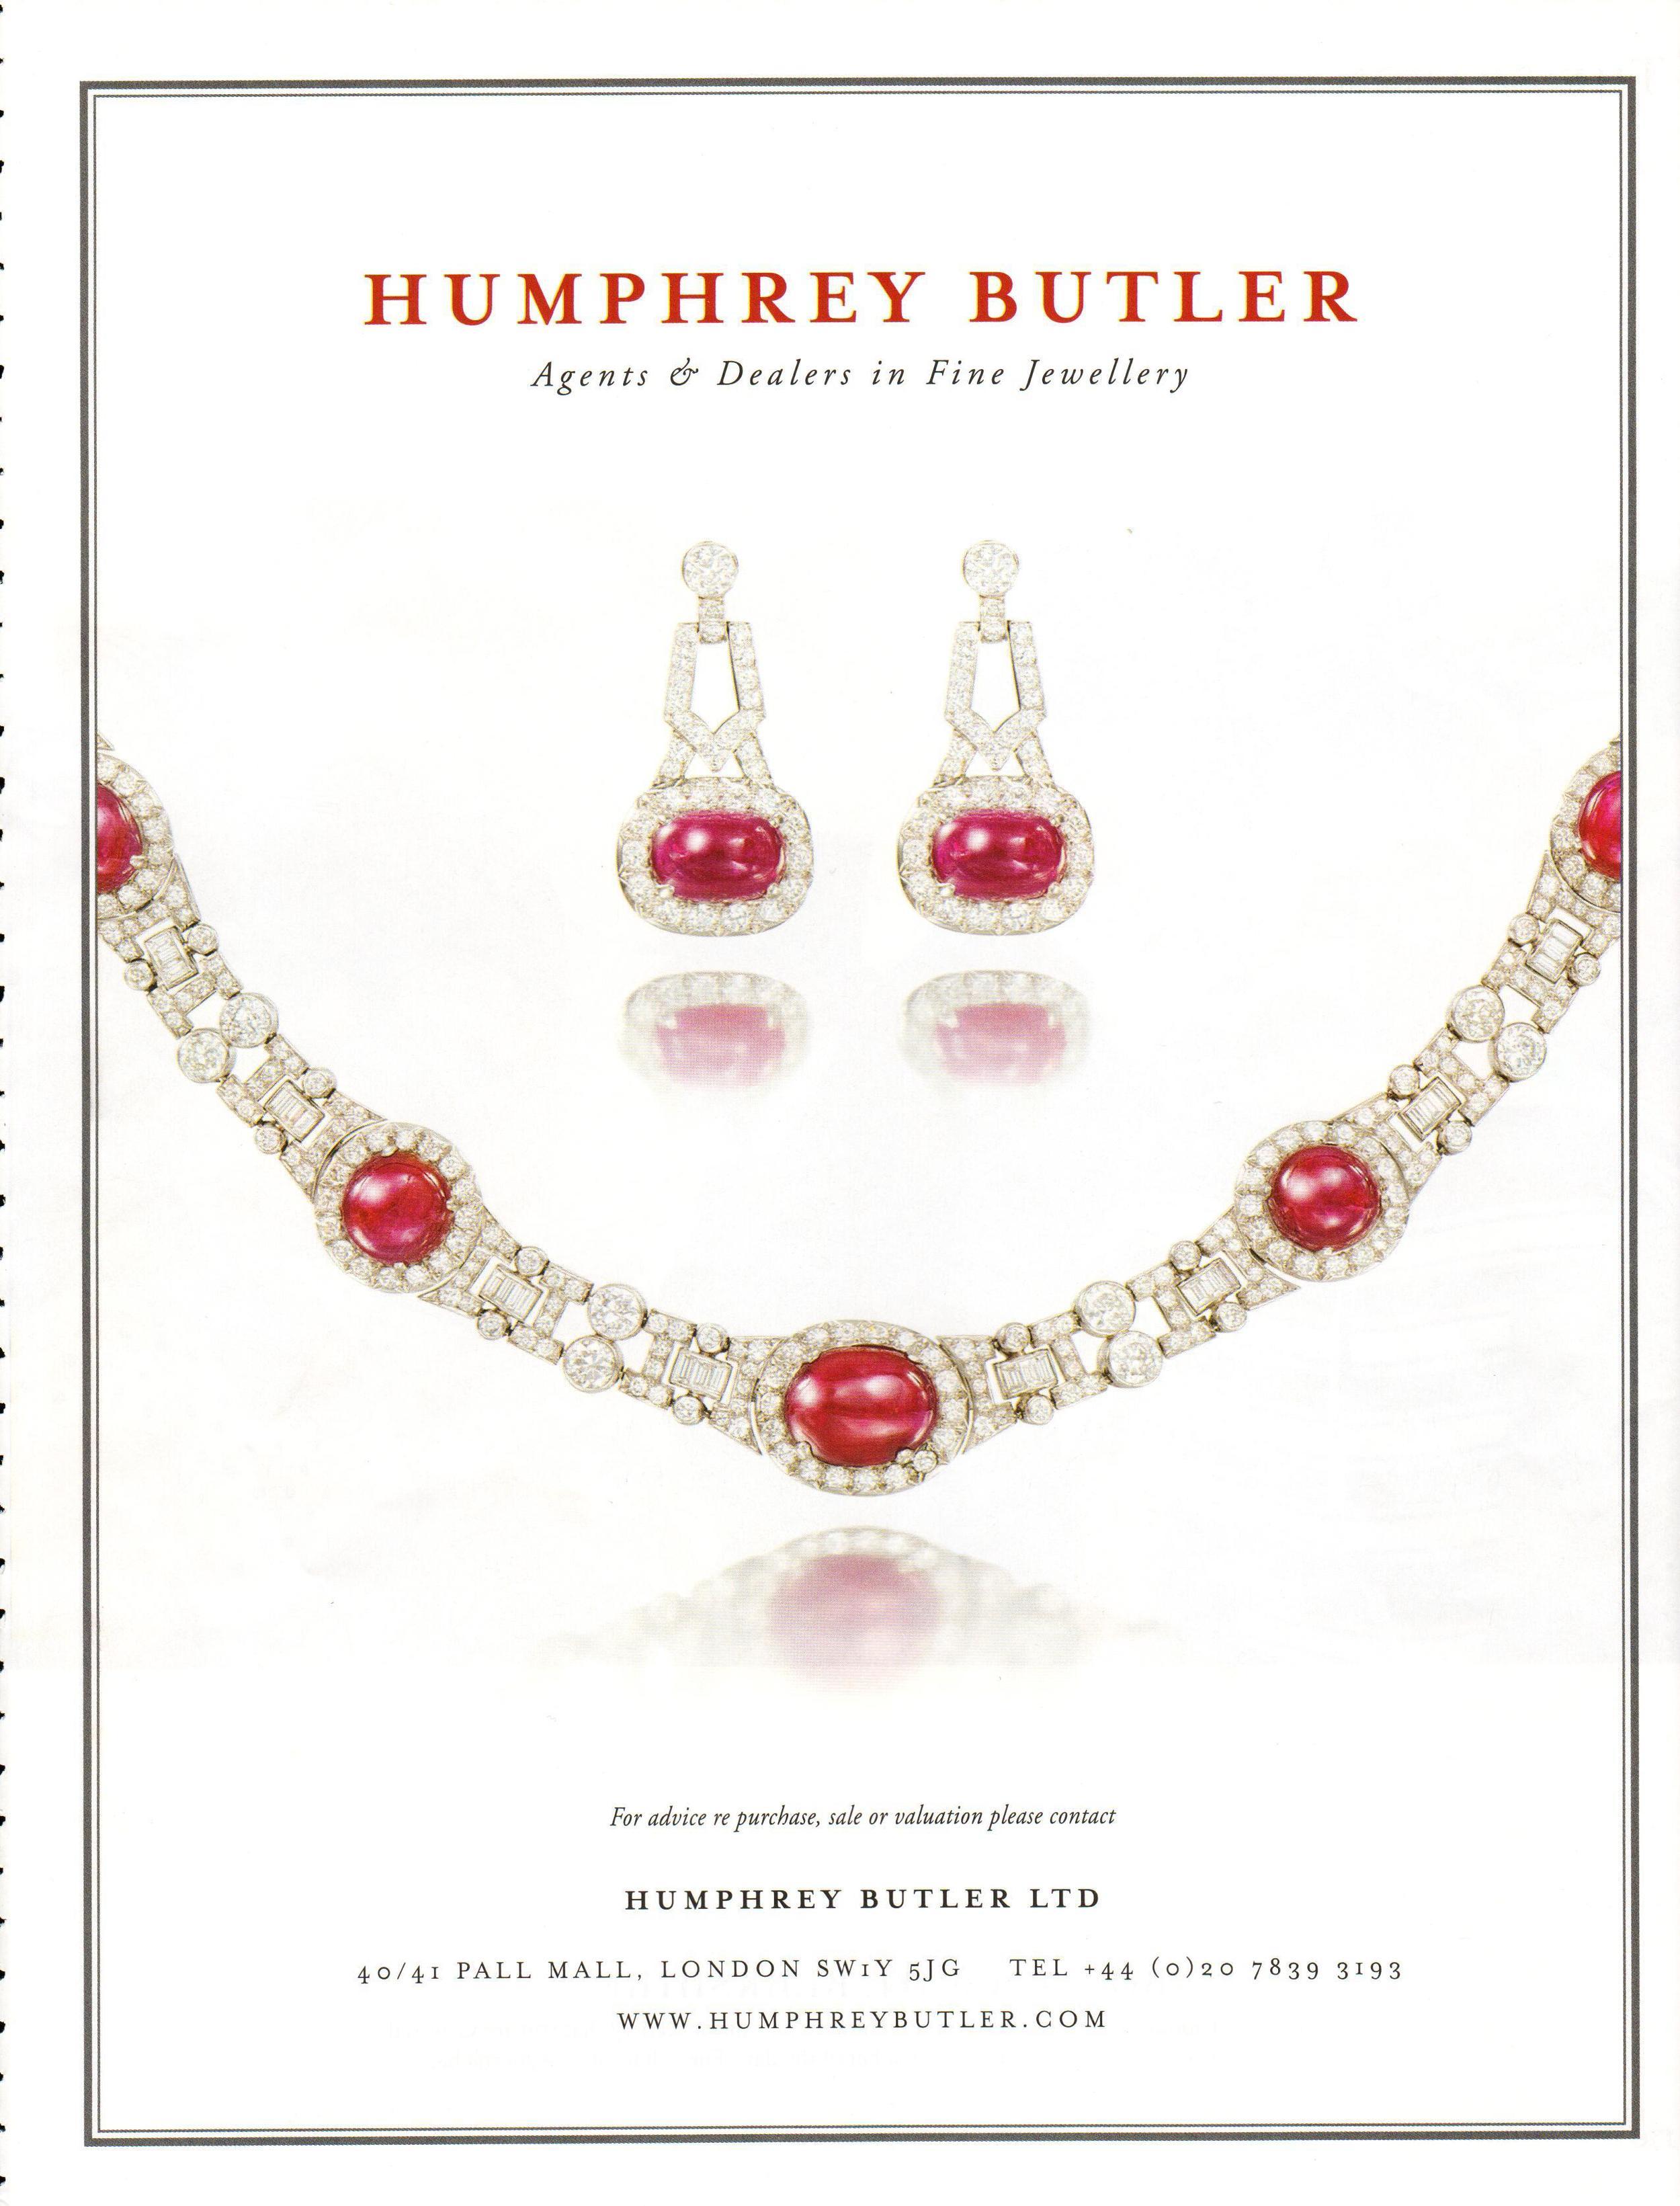 Tatler Dec 2013 ad.jpg